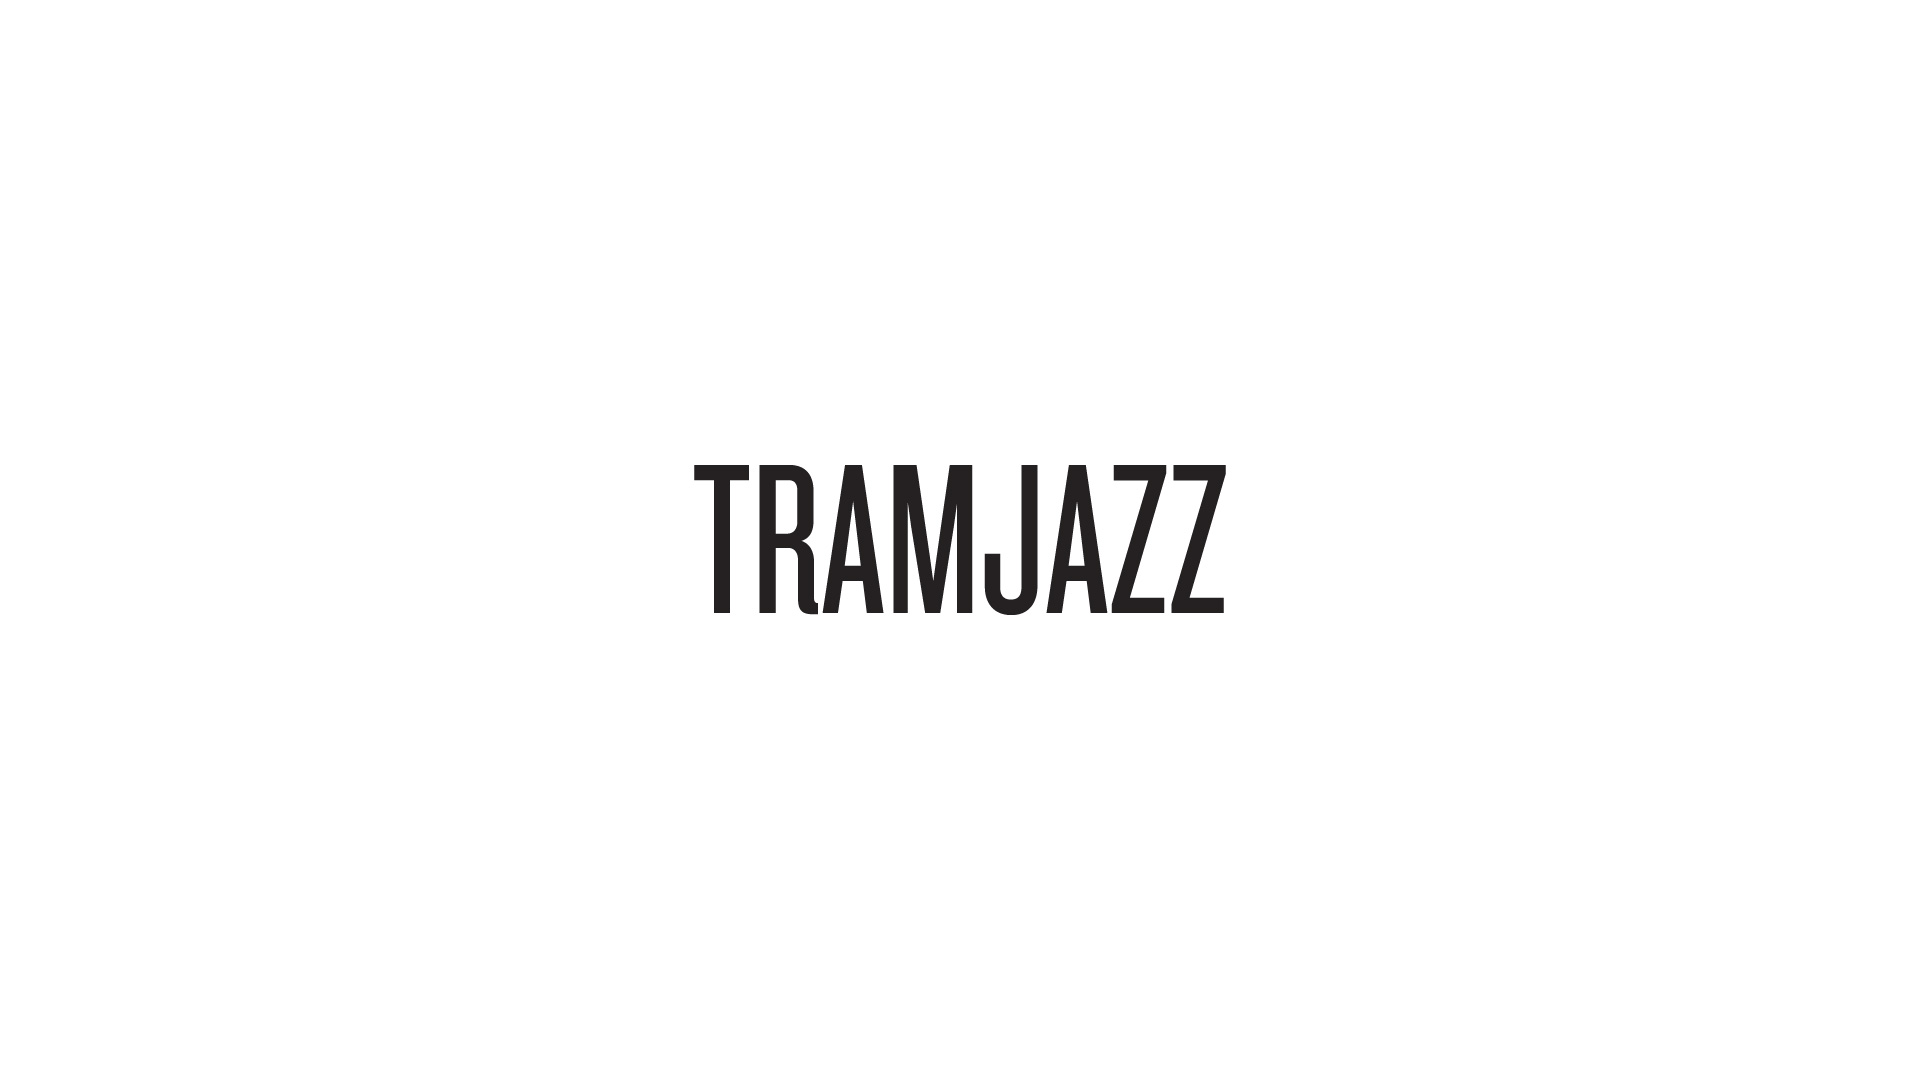 TramJazz Identity